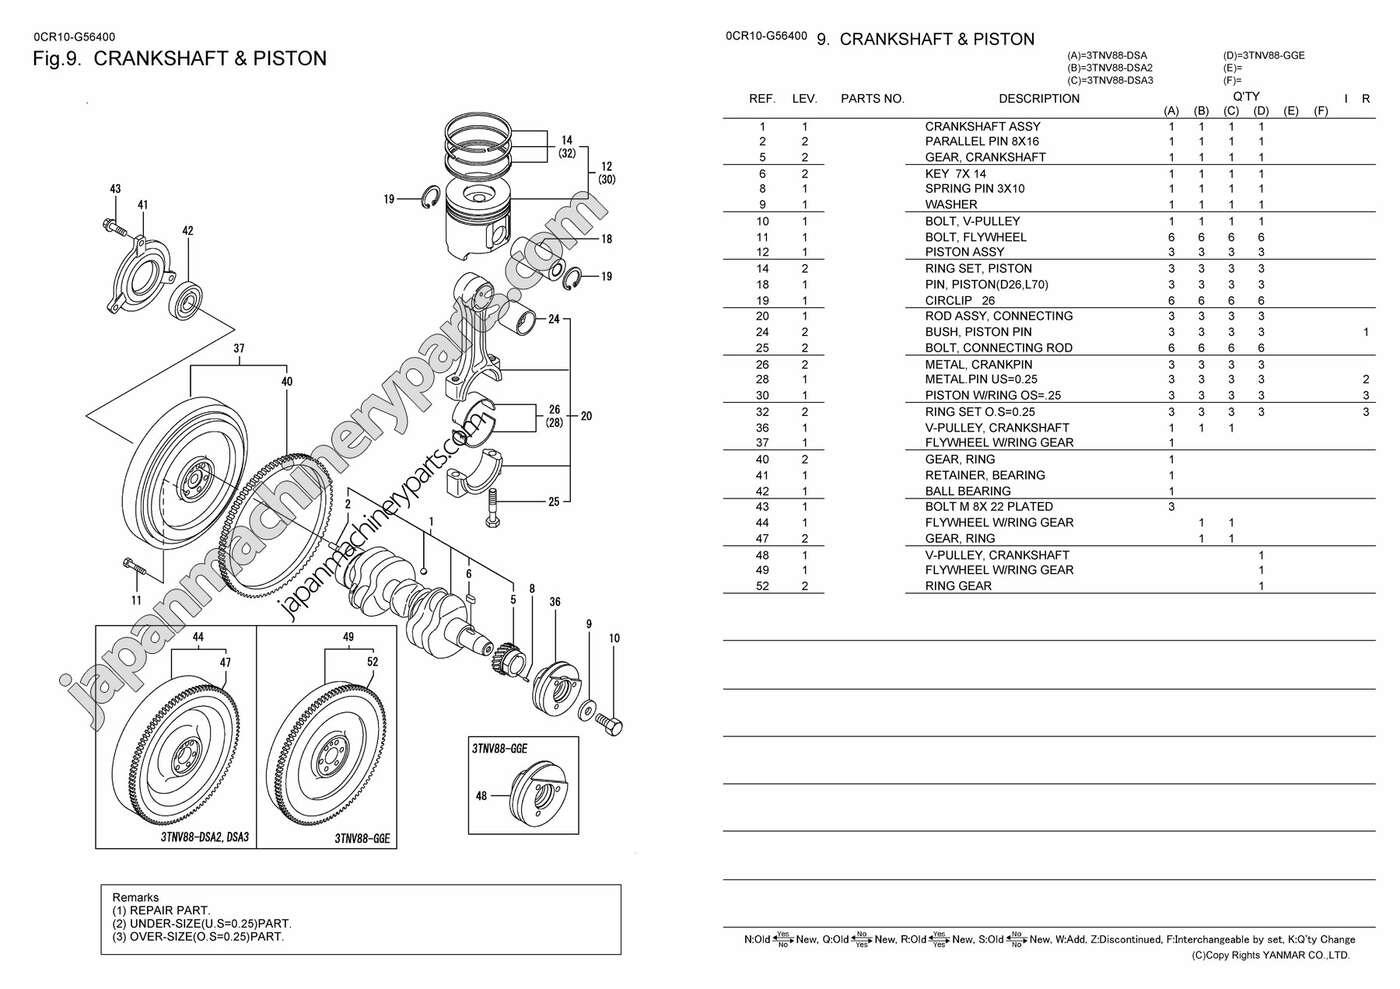 6522_1400x0_aed parts for yanmar 3tnv88 dsa dsa2 dsa3 gge yanmar 3tnv88 wiring diagram at soozxer.org